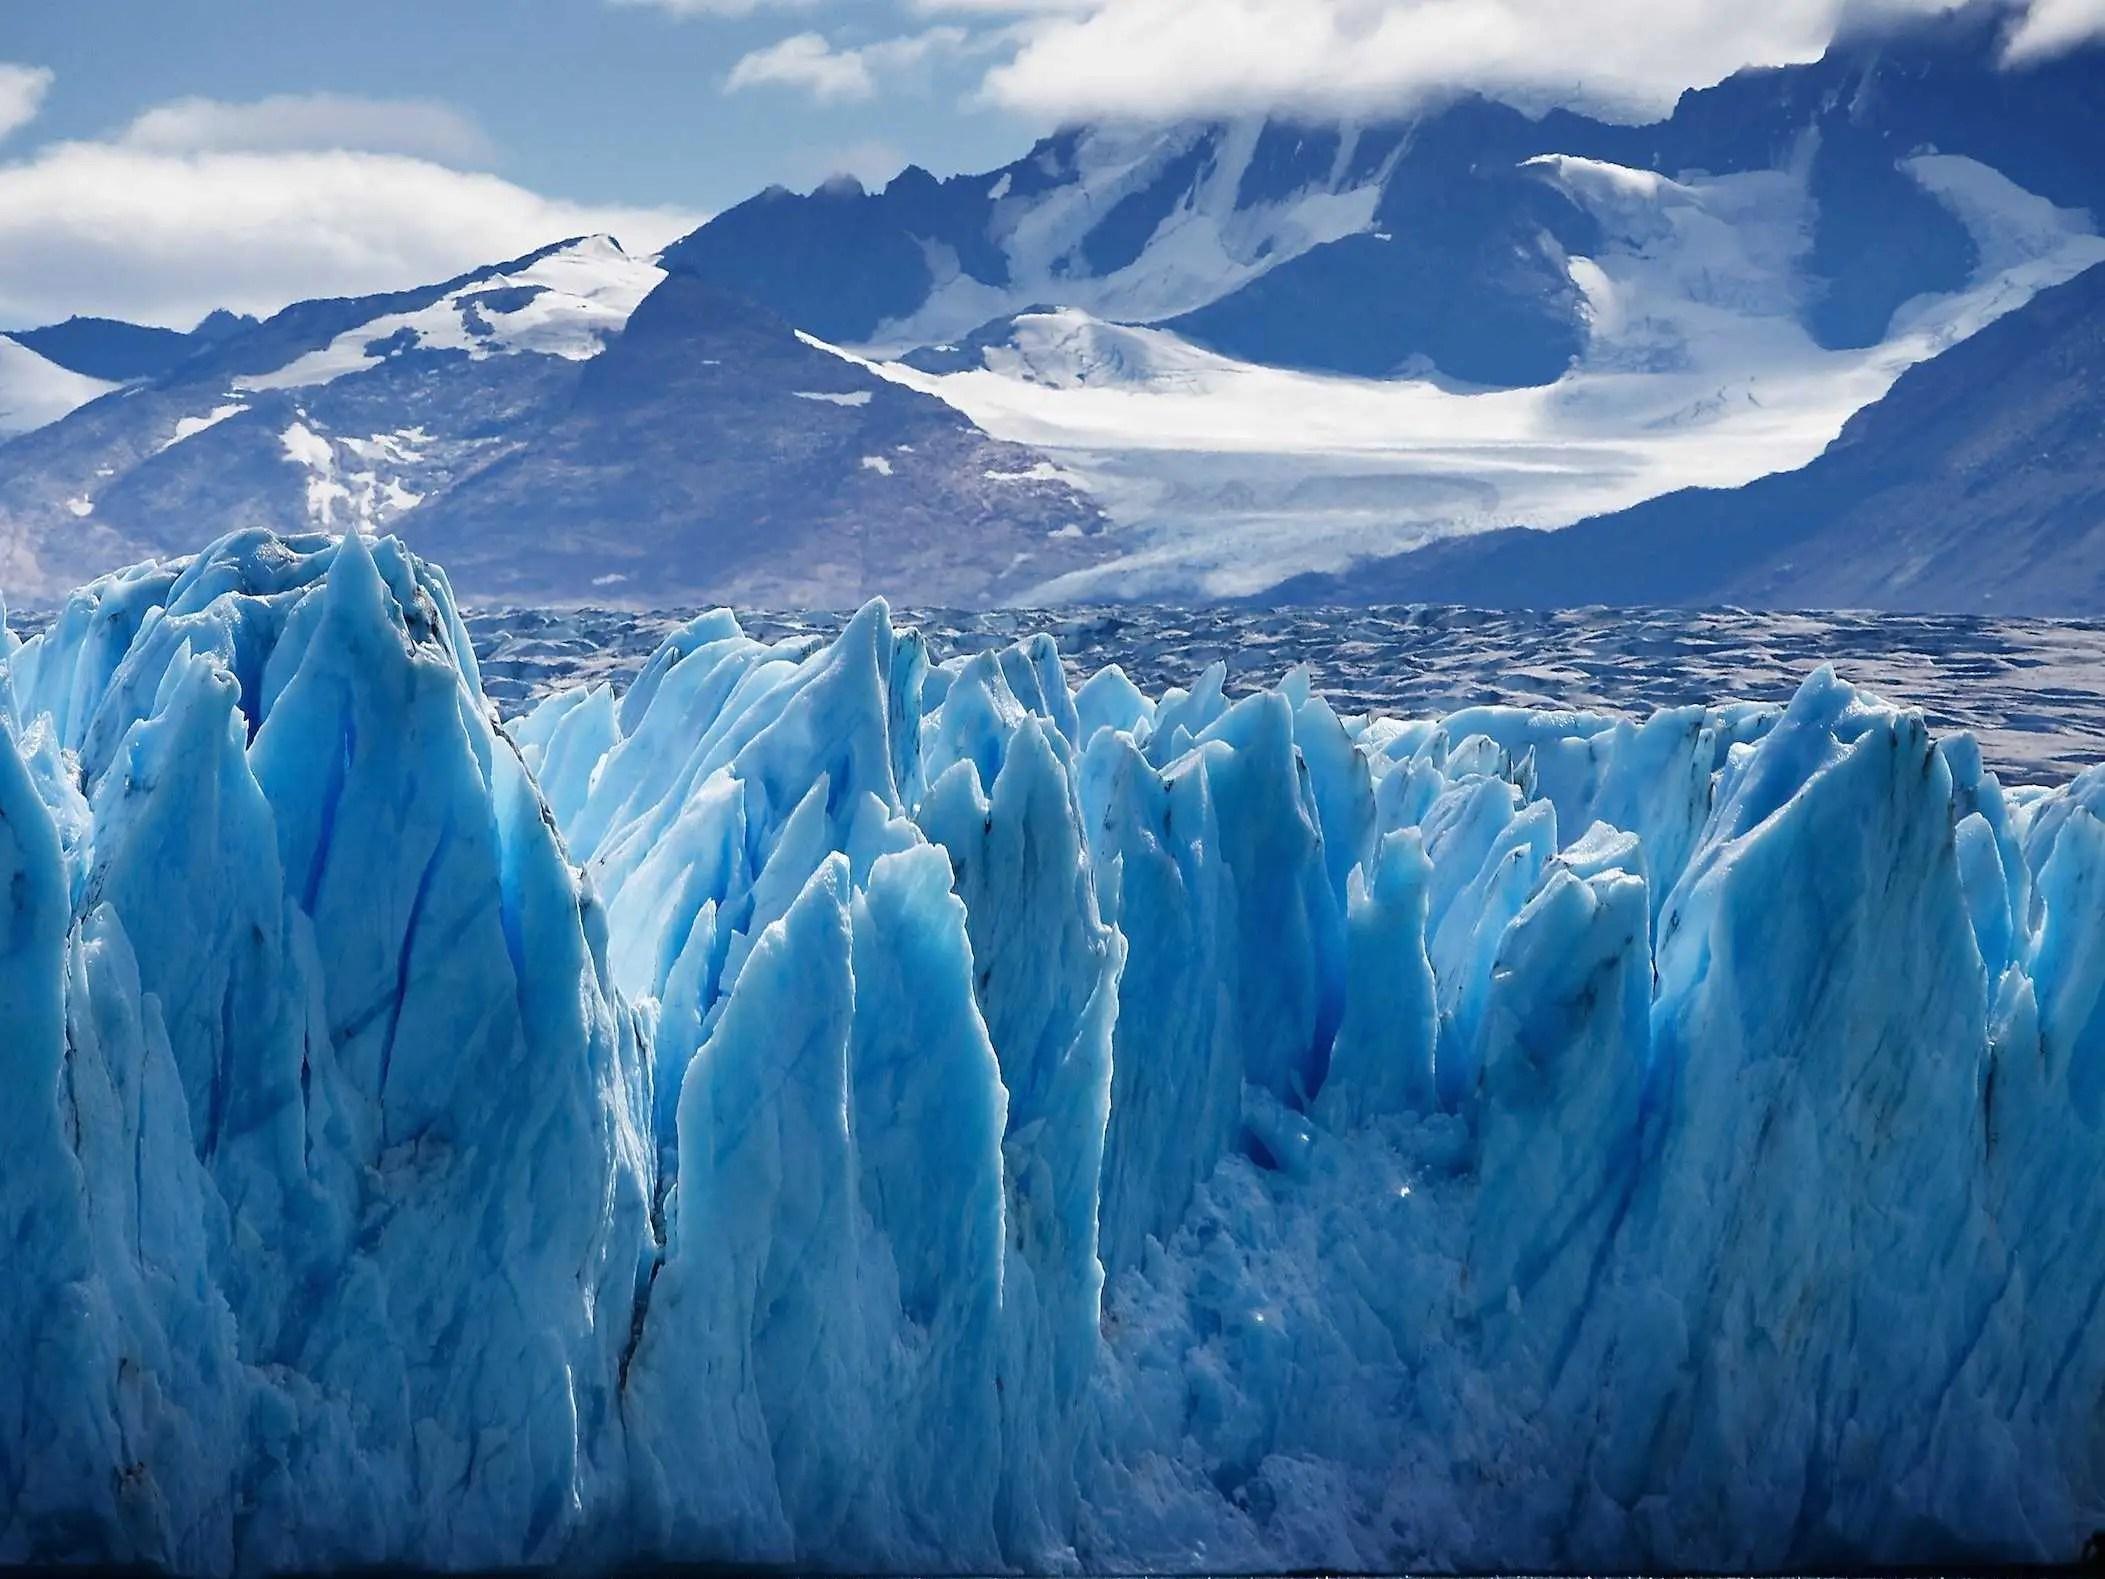 Marvel at the icy blue Upsala Glacier, a valley glacier in Argentina's Los Glaciares National Park in Patagonia.